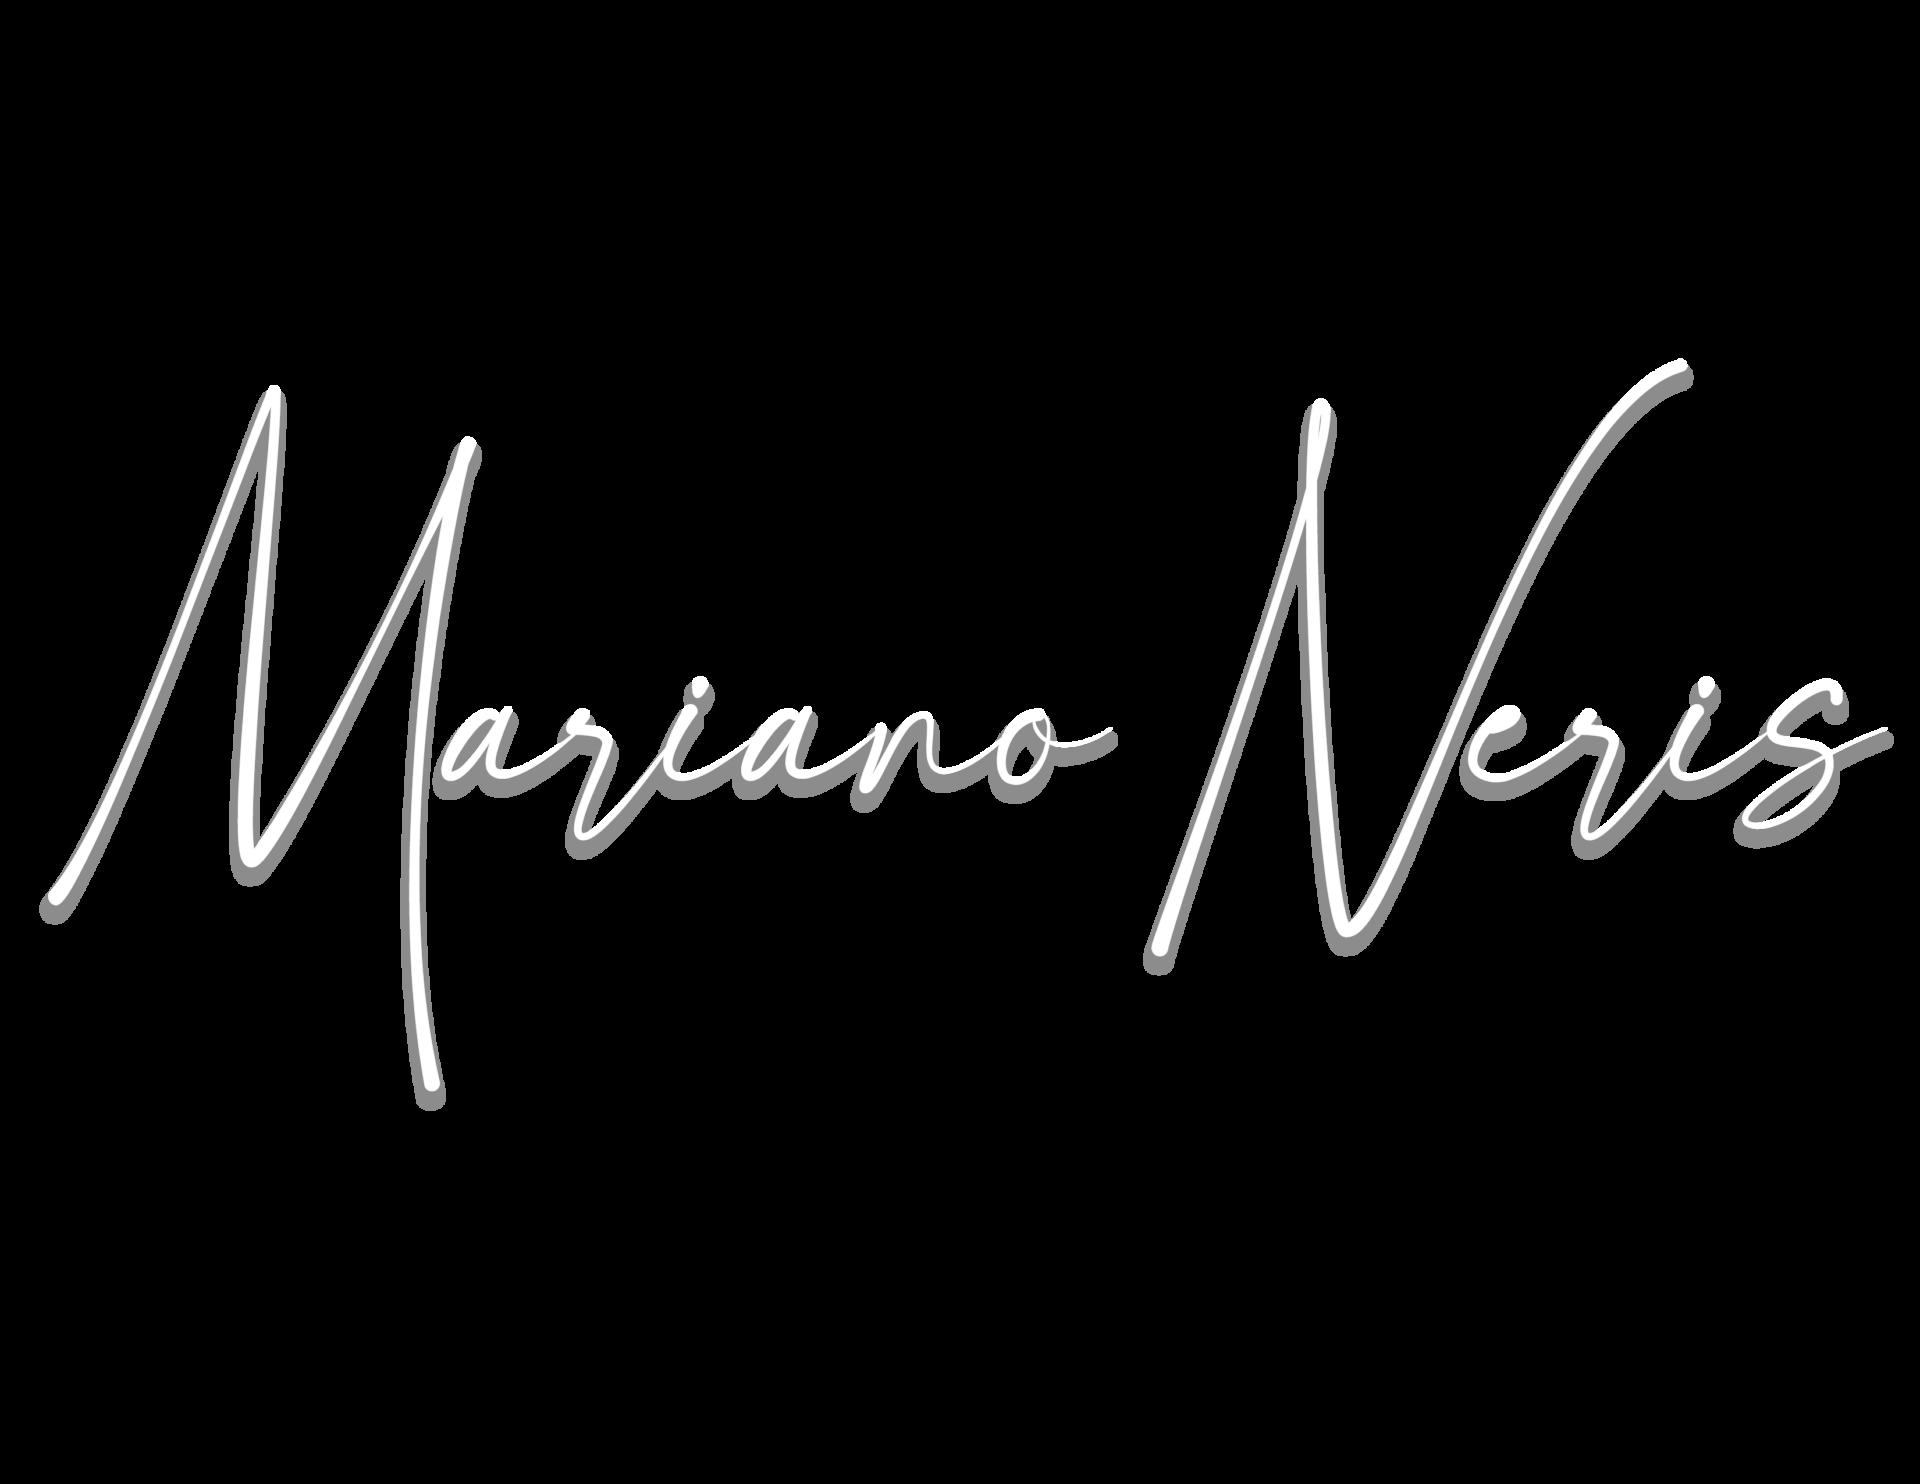 Mariano signature (white)